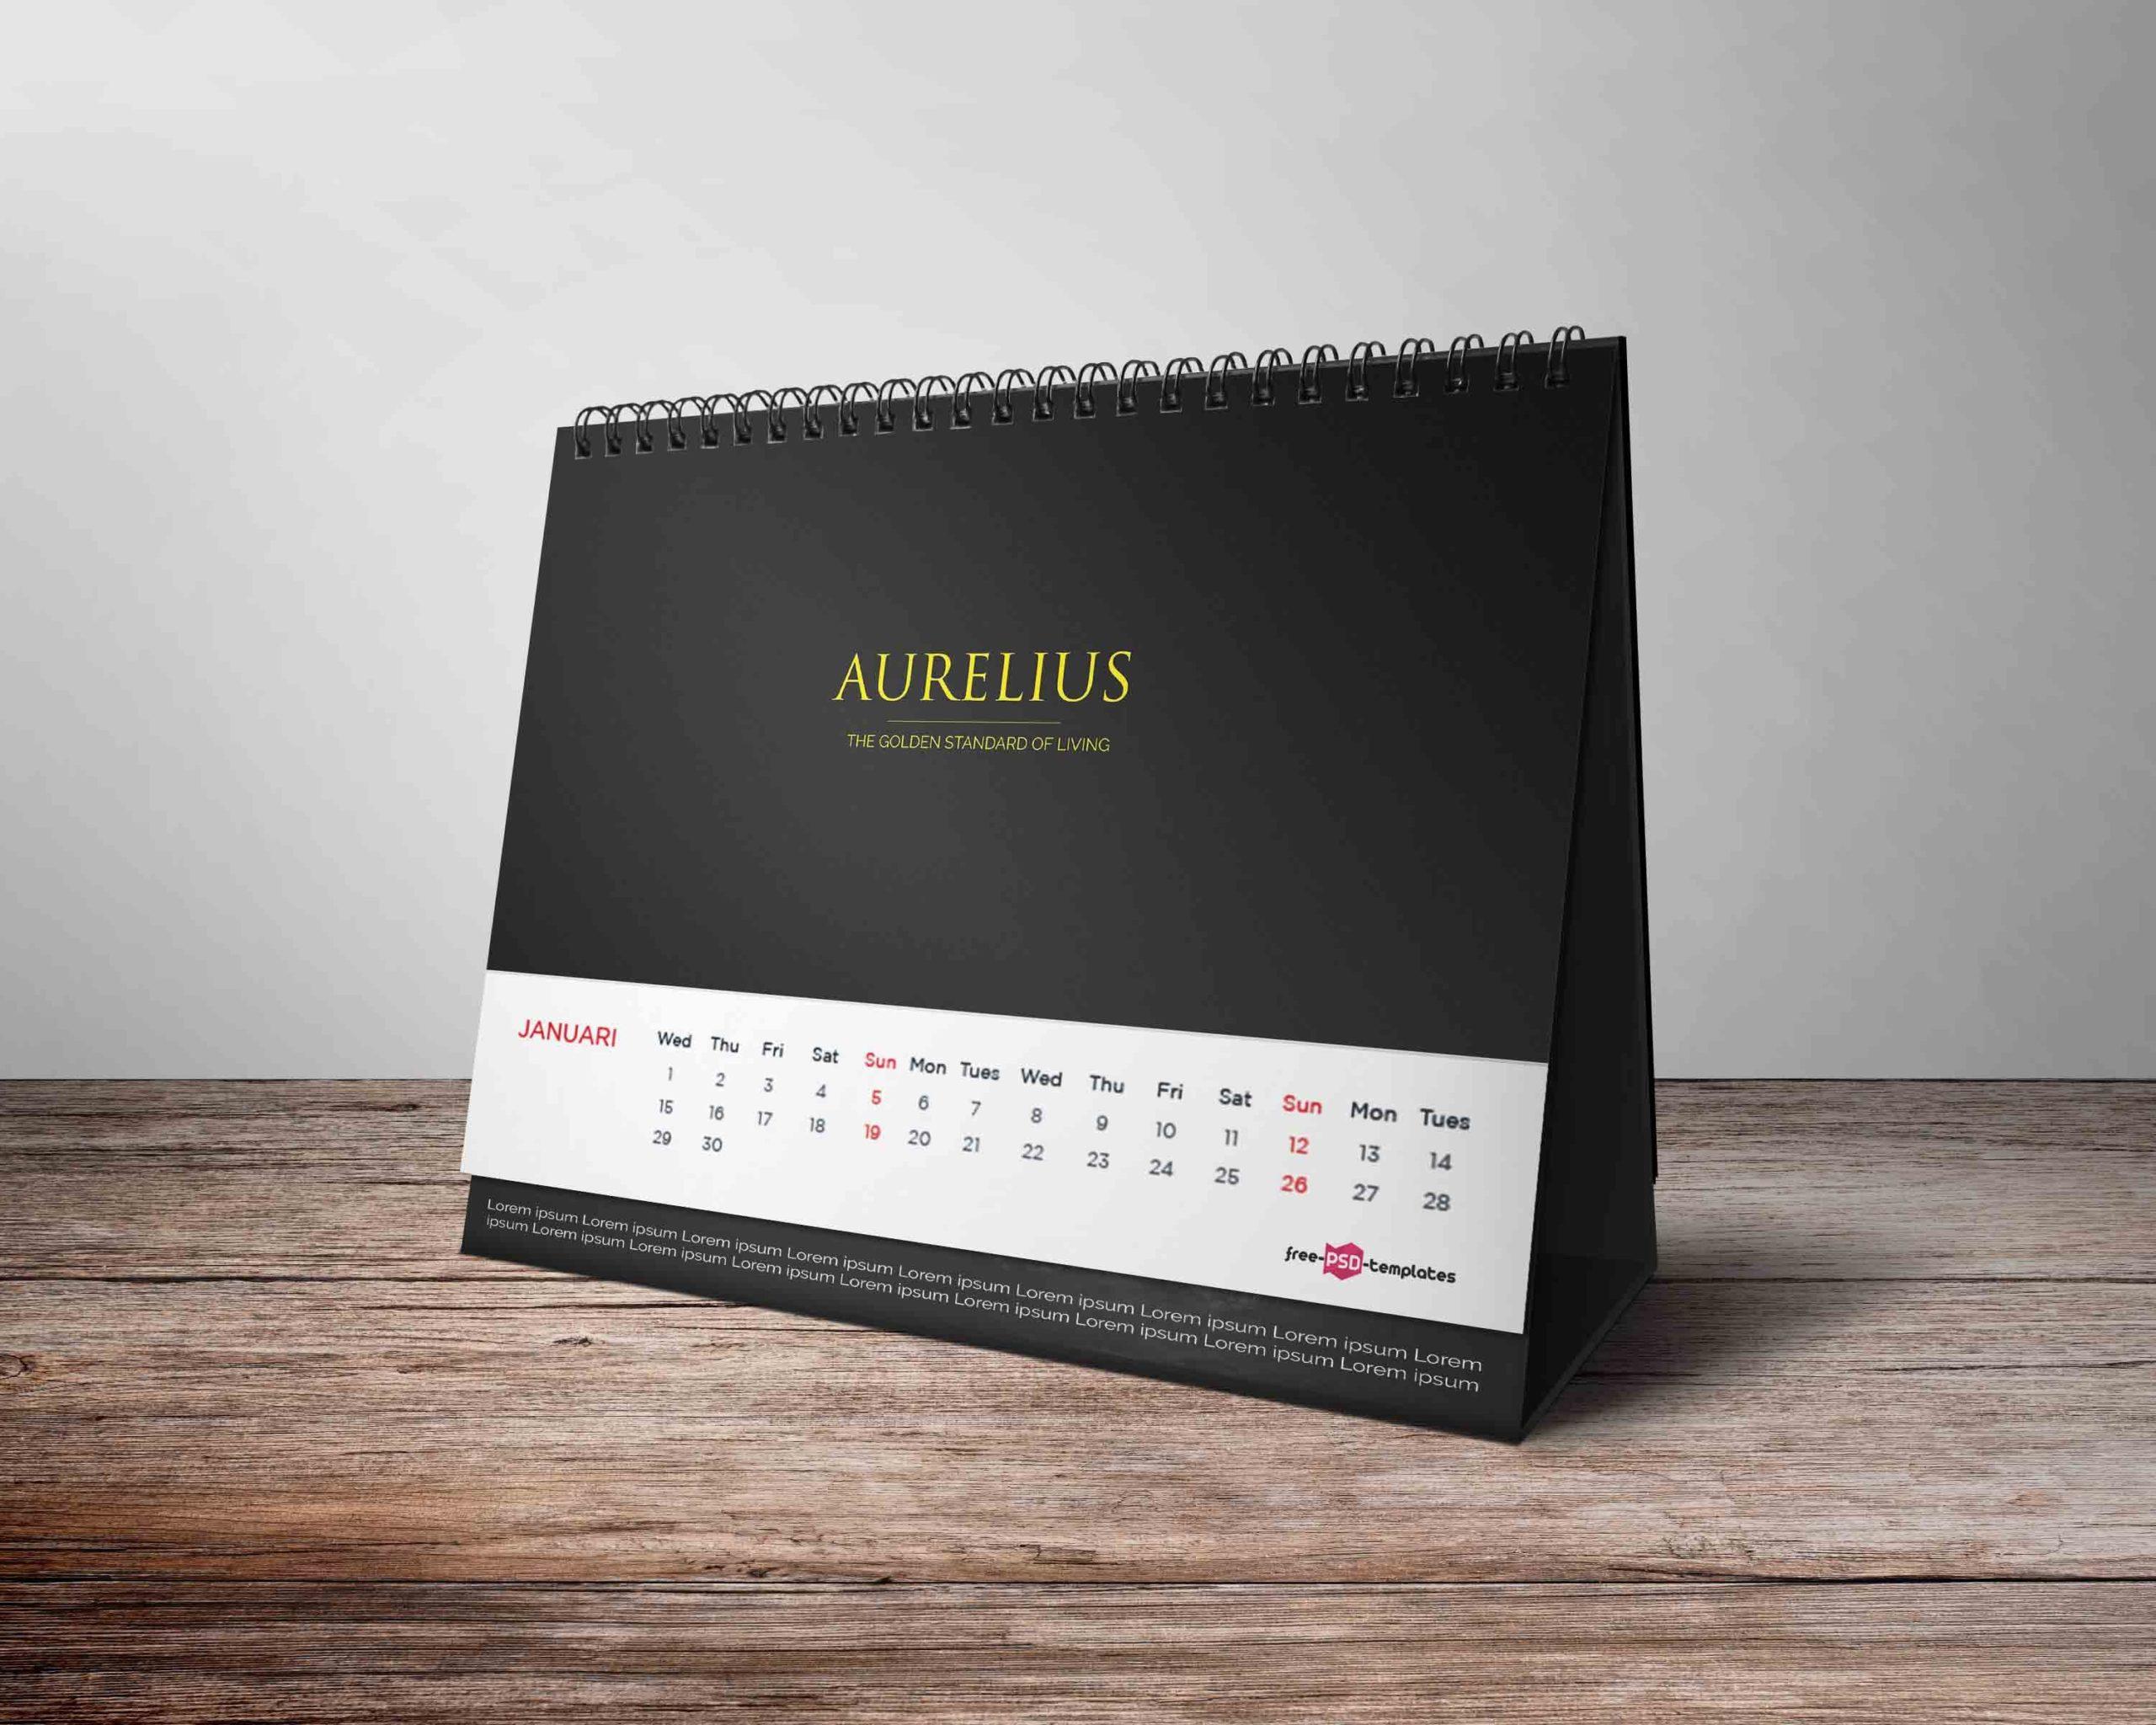 aurelius-real-estate-branding-design-literature-5